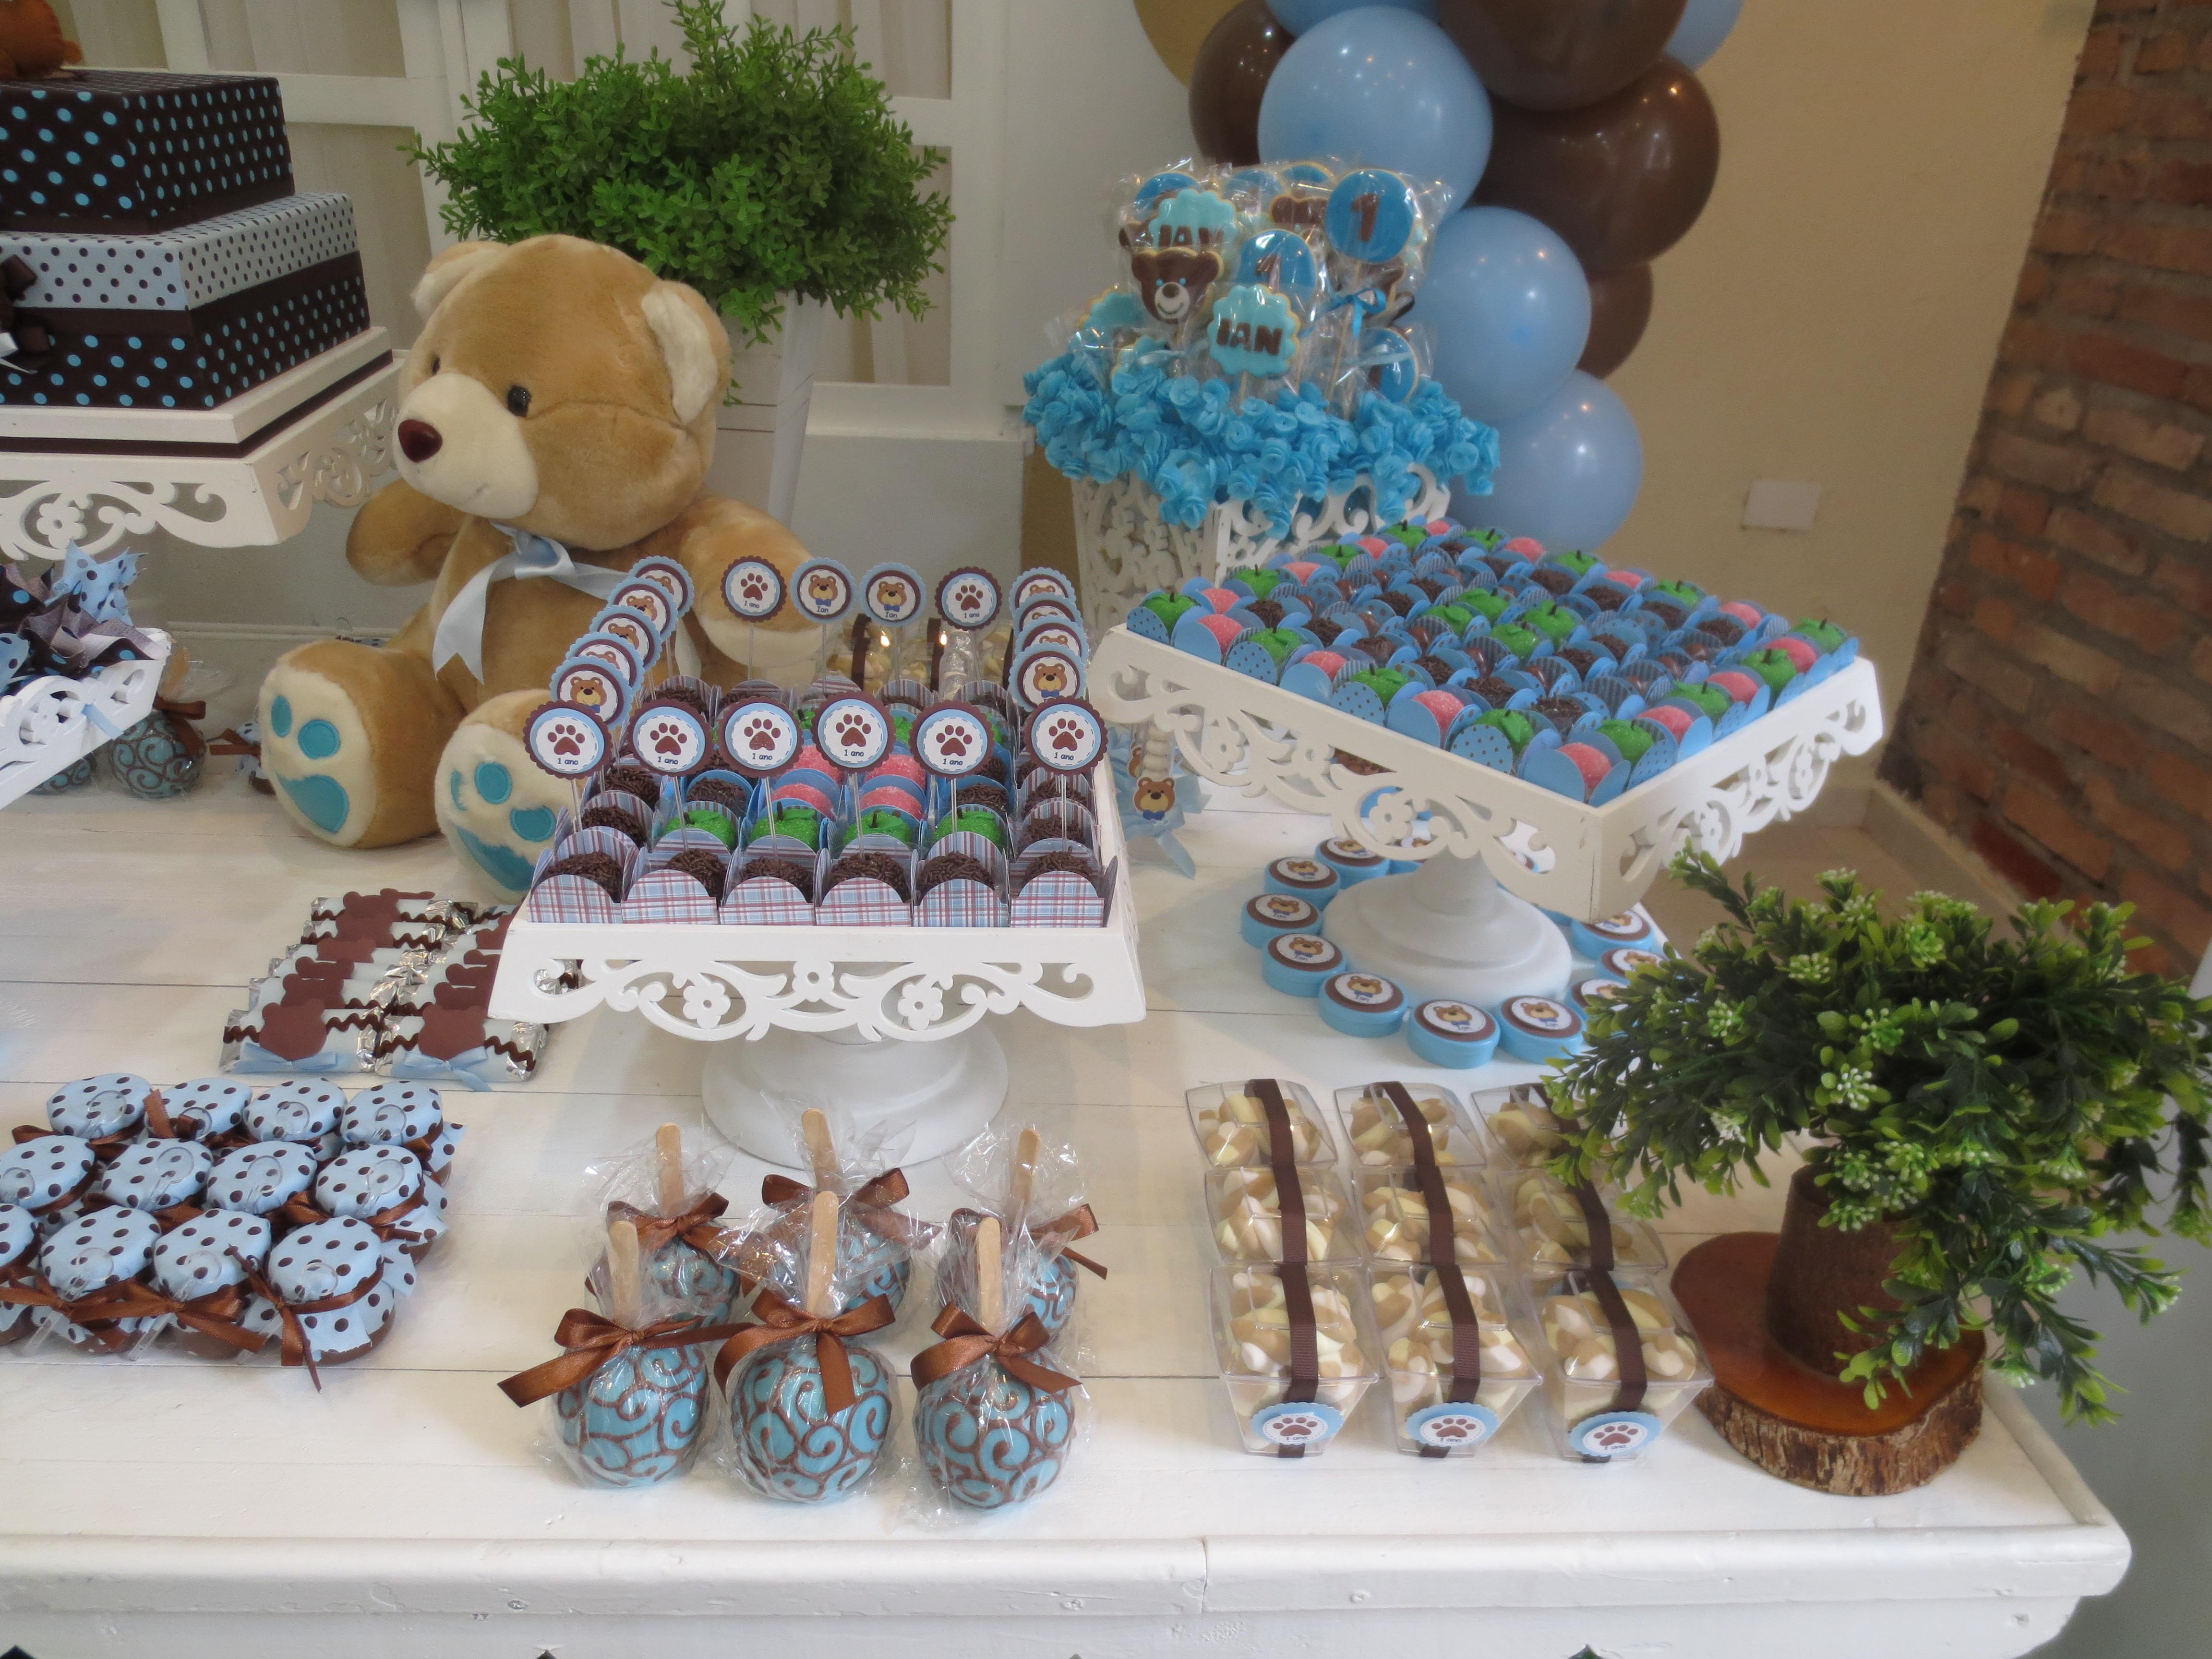 decoracao festa urso azul e marrom : decoracao festa urso azul e marrom: -urso-marrom-e-azul festa-personalizada-urso-marrom-e-azul